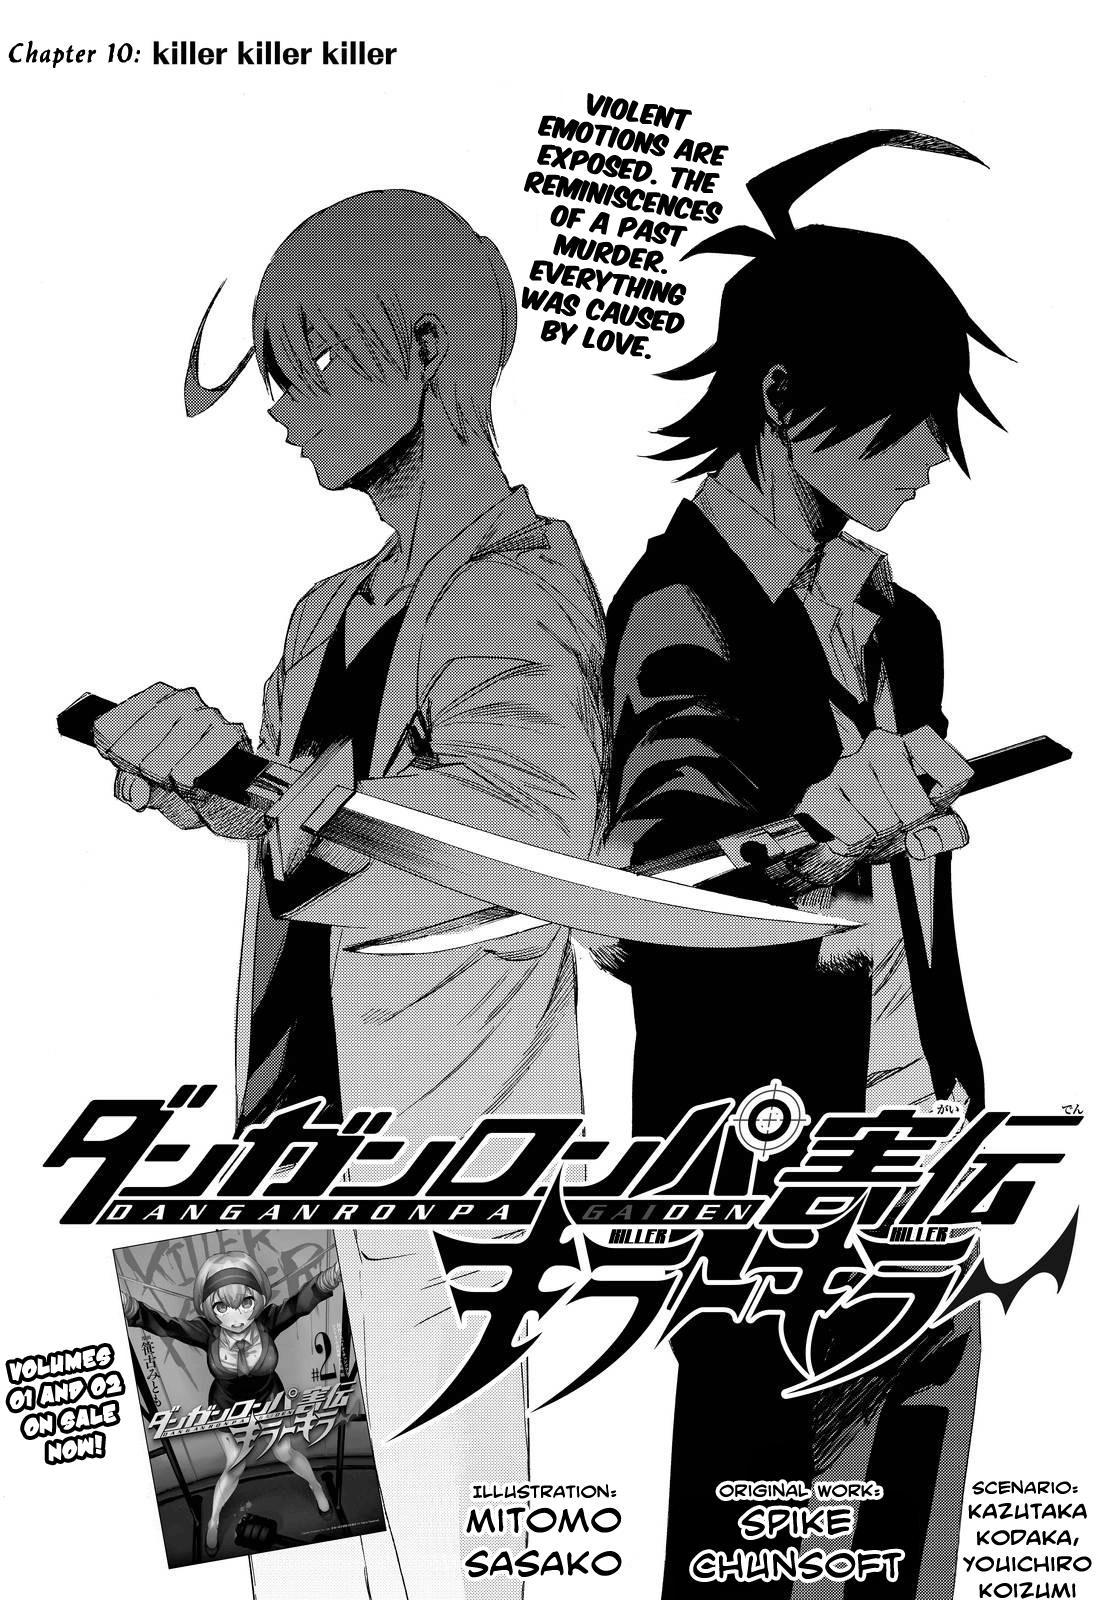 Killer Killer - Chapter 11